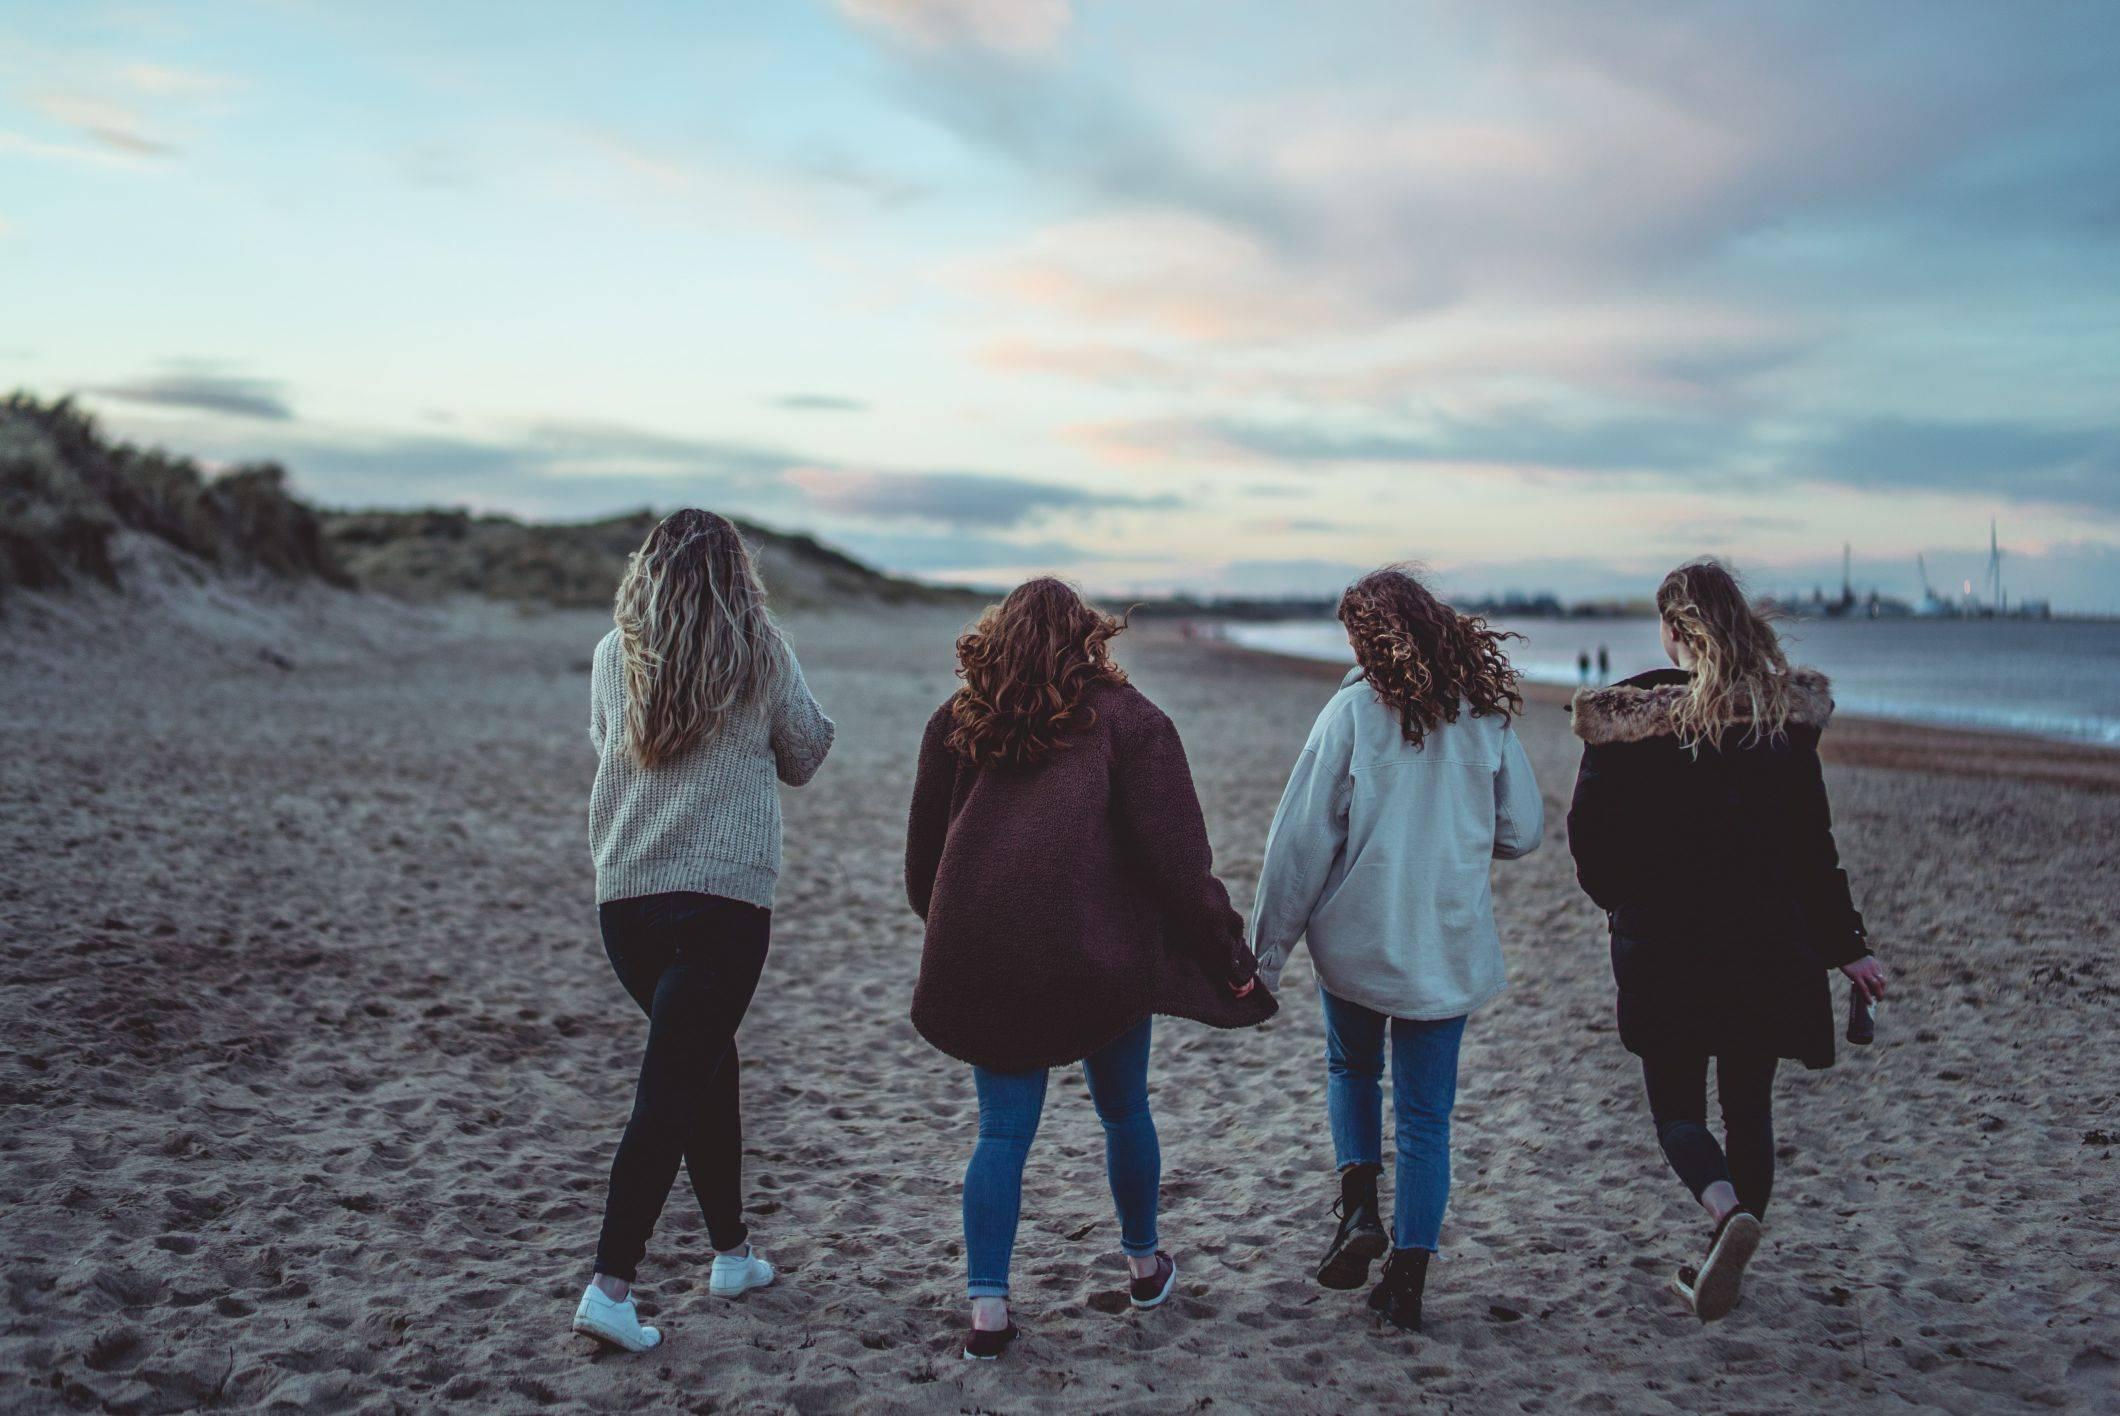 Image of girls walking on beach